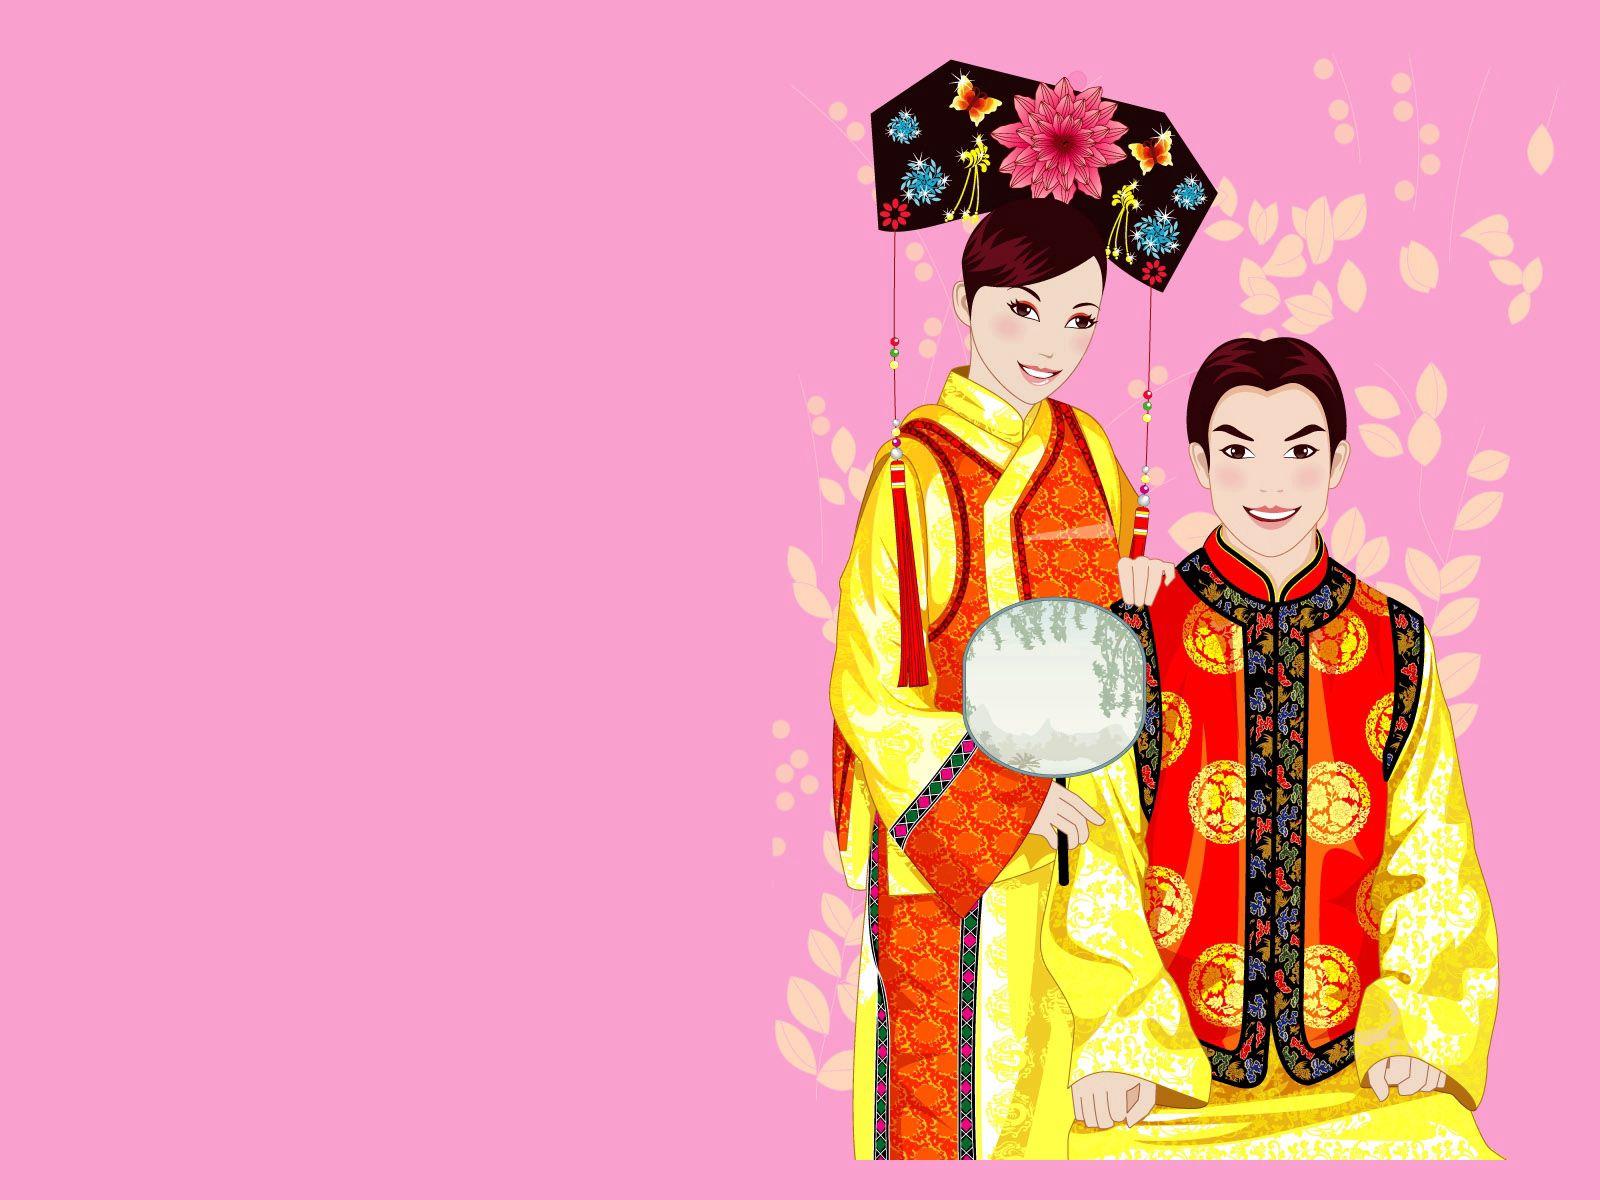 127758壁紙のダウンロードベクター, ベクトル, 男, やつ, 女の子, 着物, コスチューム, 衣装, カップル, 双, 中国-スクリーンセーバーと写真を無料で